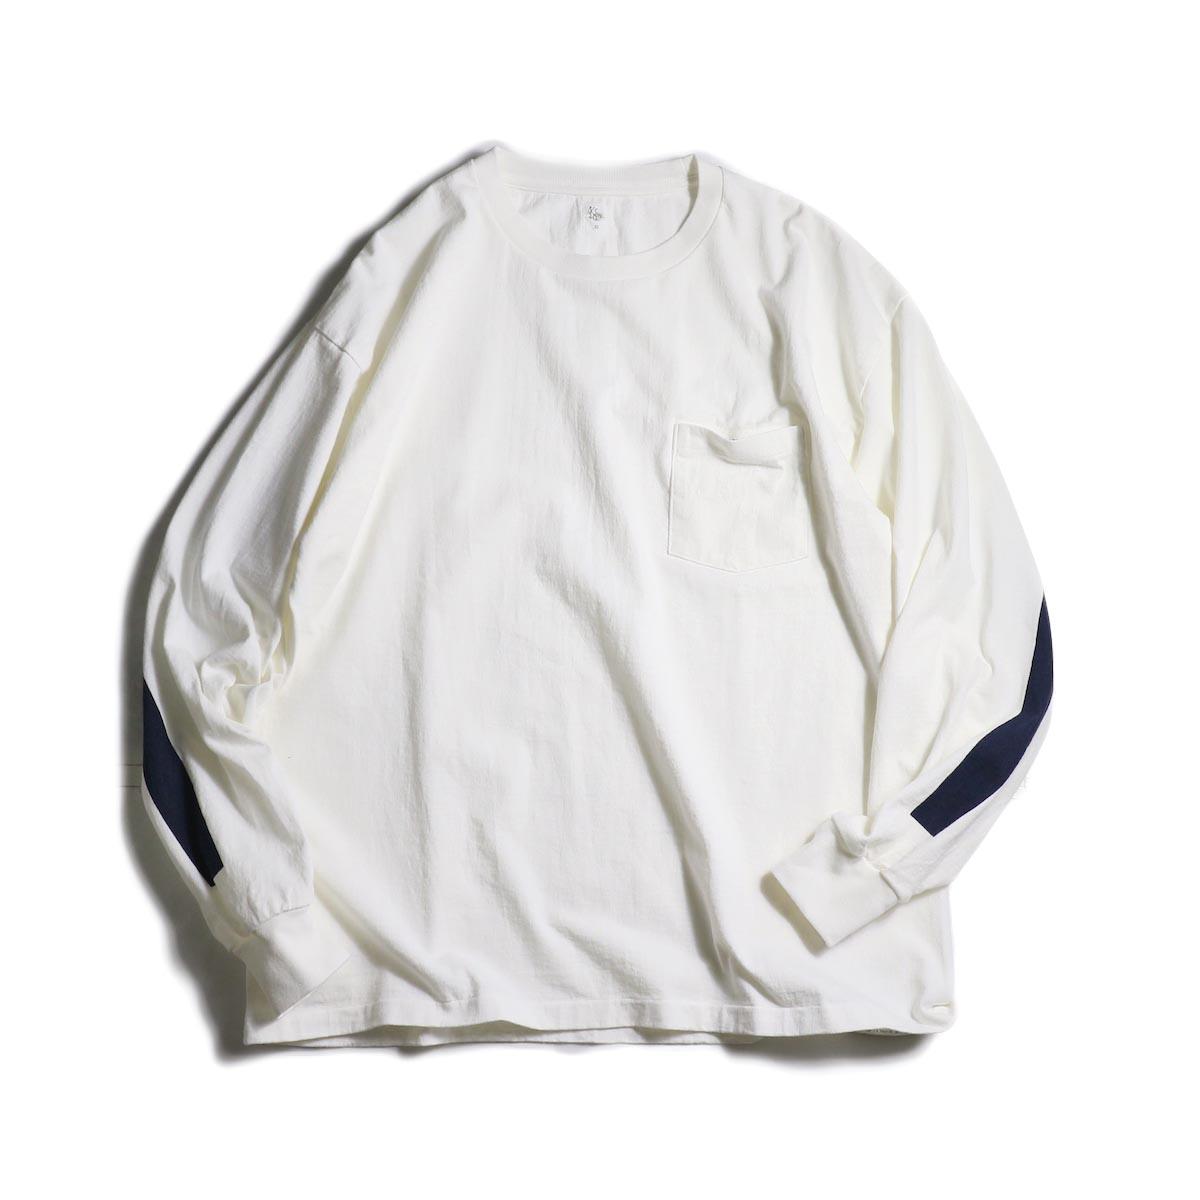 Kaptain Sunshine / West Coast Long Sleeve Tee (White×Navy Line)